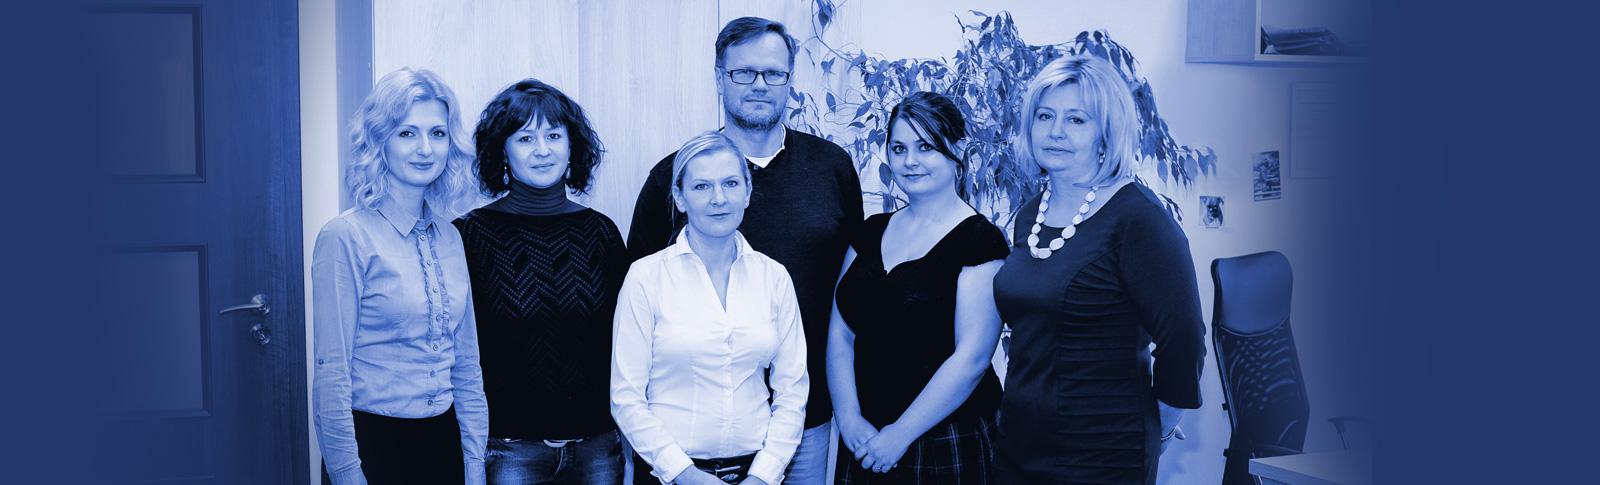 Zespół Biuro Rachunkowe ACTARIUS Spółka Cywilna Anna Deszkiewicz, Natalia Deszkiewicz-Chrapa, Piotr Deszkiewicz